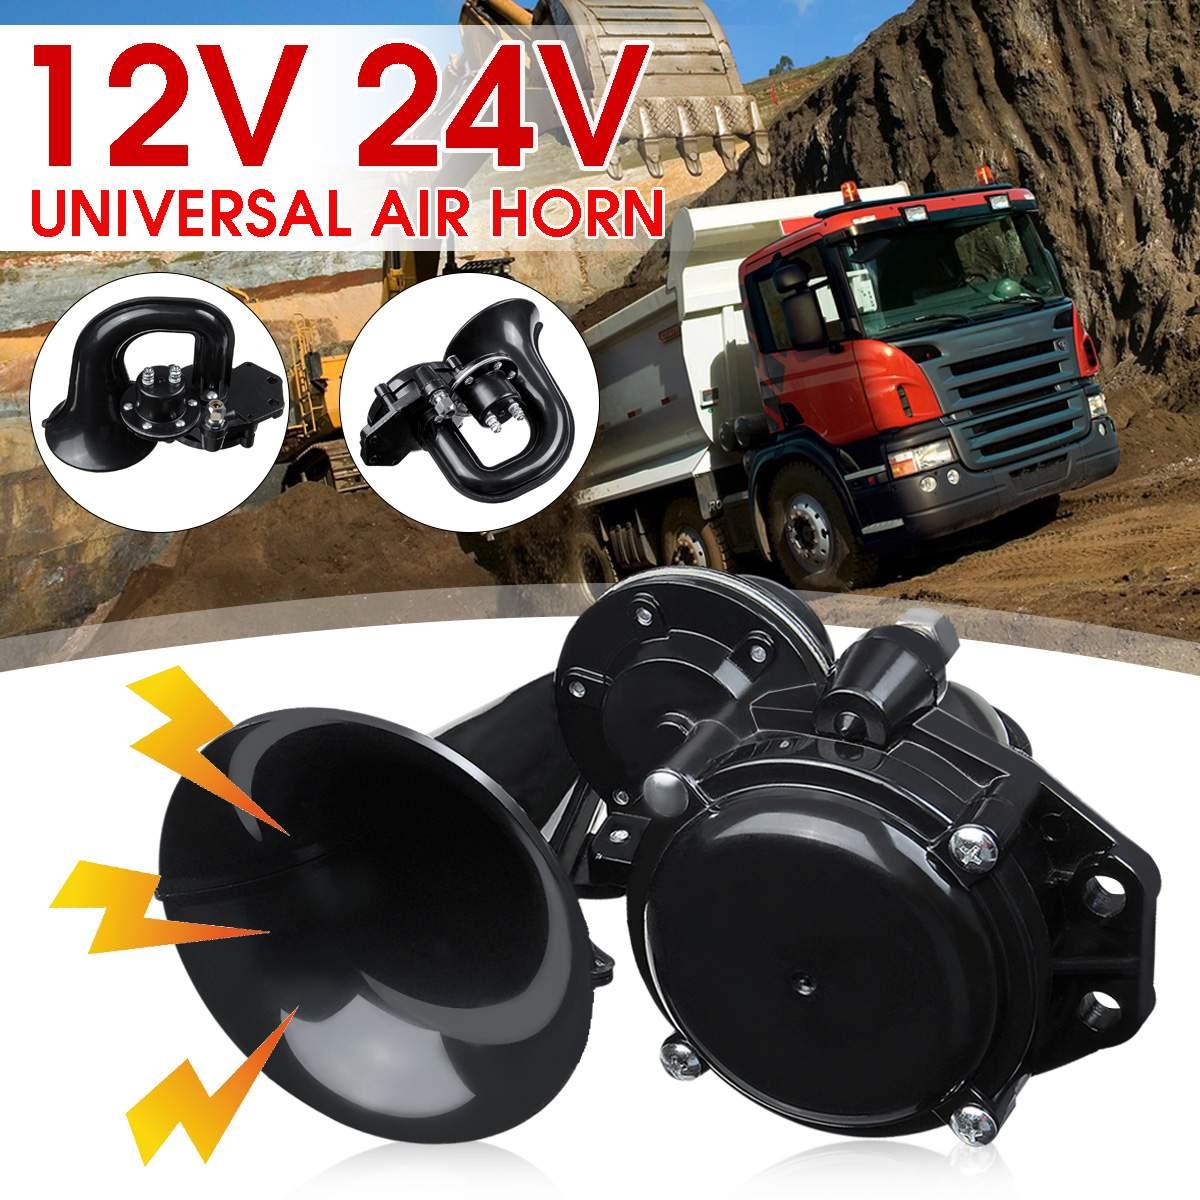 Универсальный звуковой воздушный рожковый сигнал 120db 12/24 в, громкий воздушный рожковый сигнал с электрическим клапаном, плоский для автомобиля, автомобиля, грузовика Многотональн. и сигнальные рожки      АлиЭкспресс